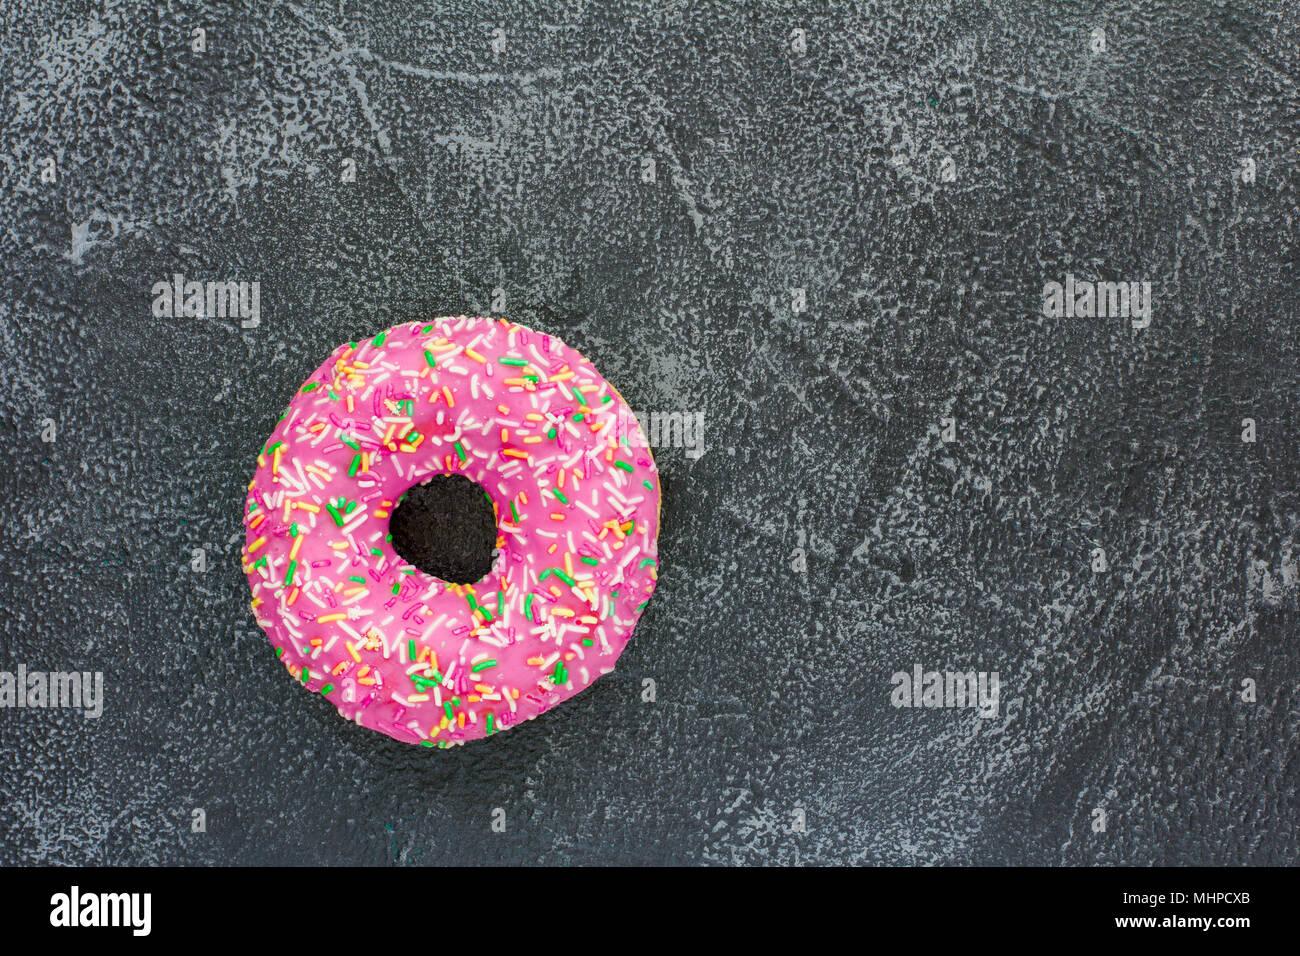 Una sola donut sobre fondo de piedra oscura Imagen De Stock